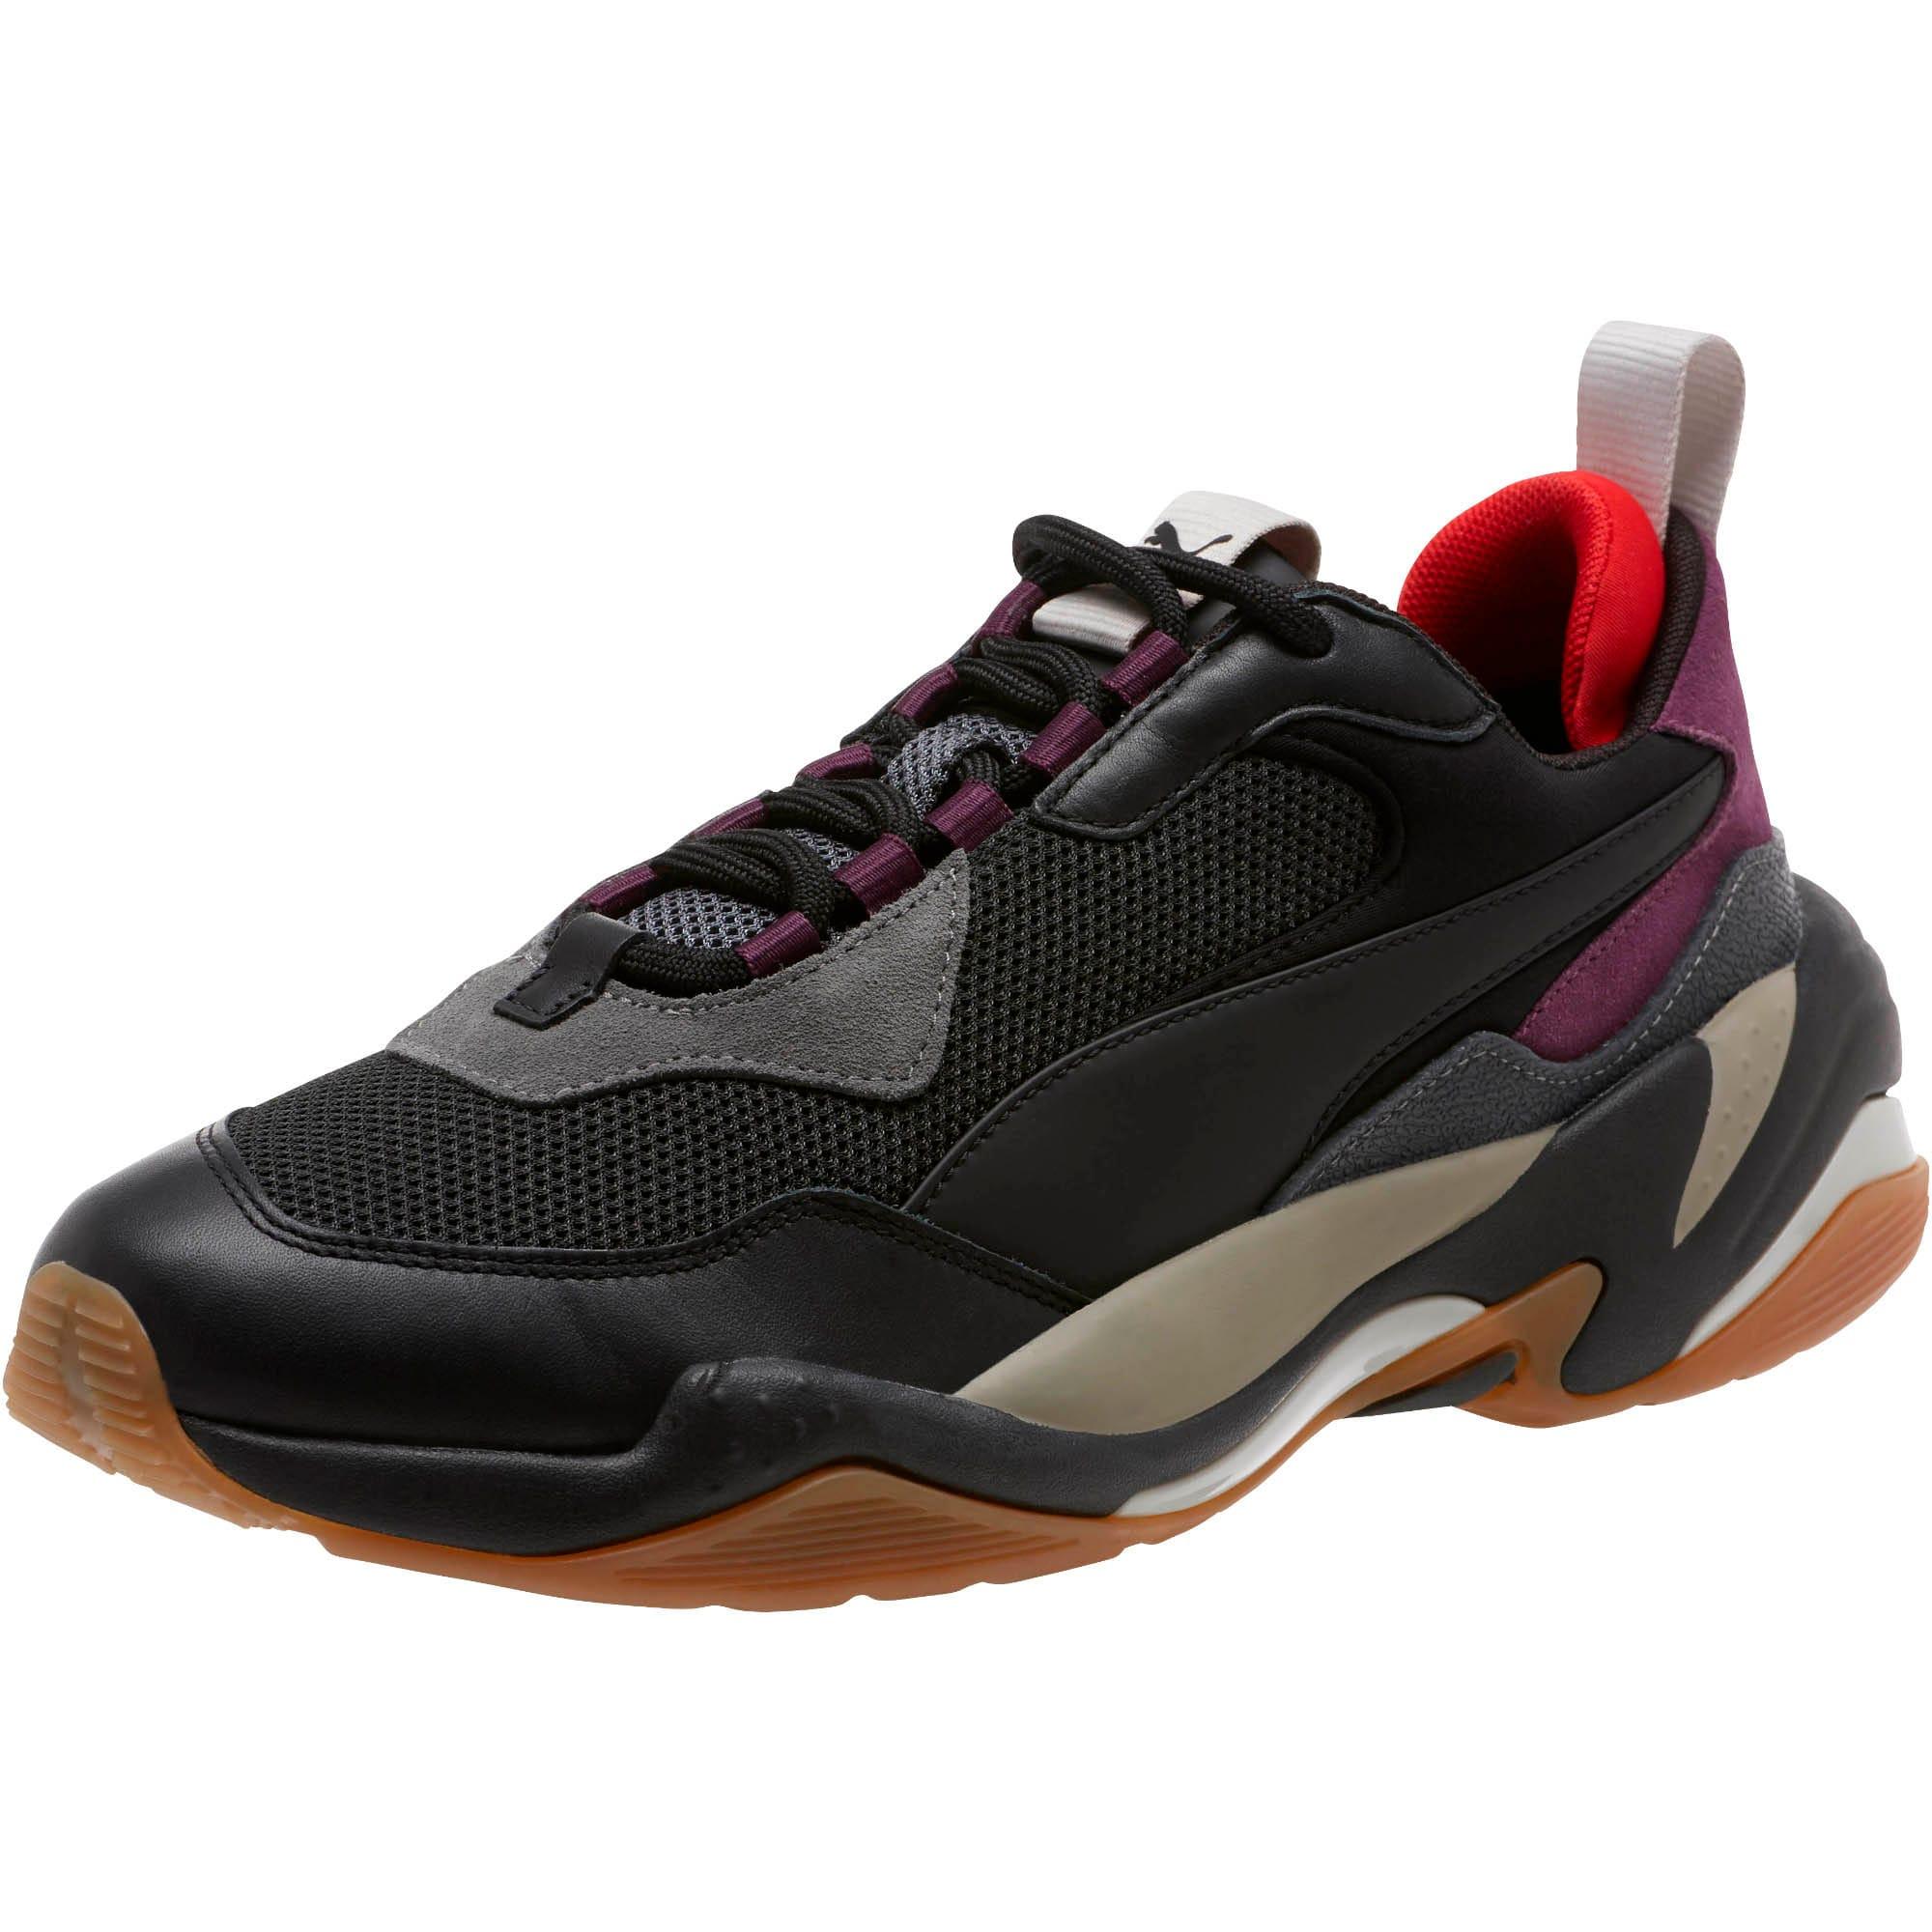 Miniatura 1 de Zapatos deportivosThunder Spectrapara hombre, Puma Black, mediano